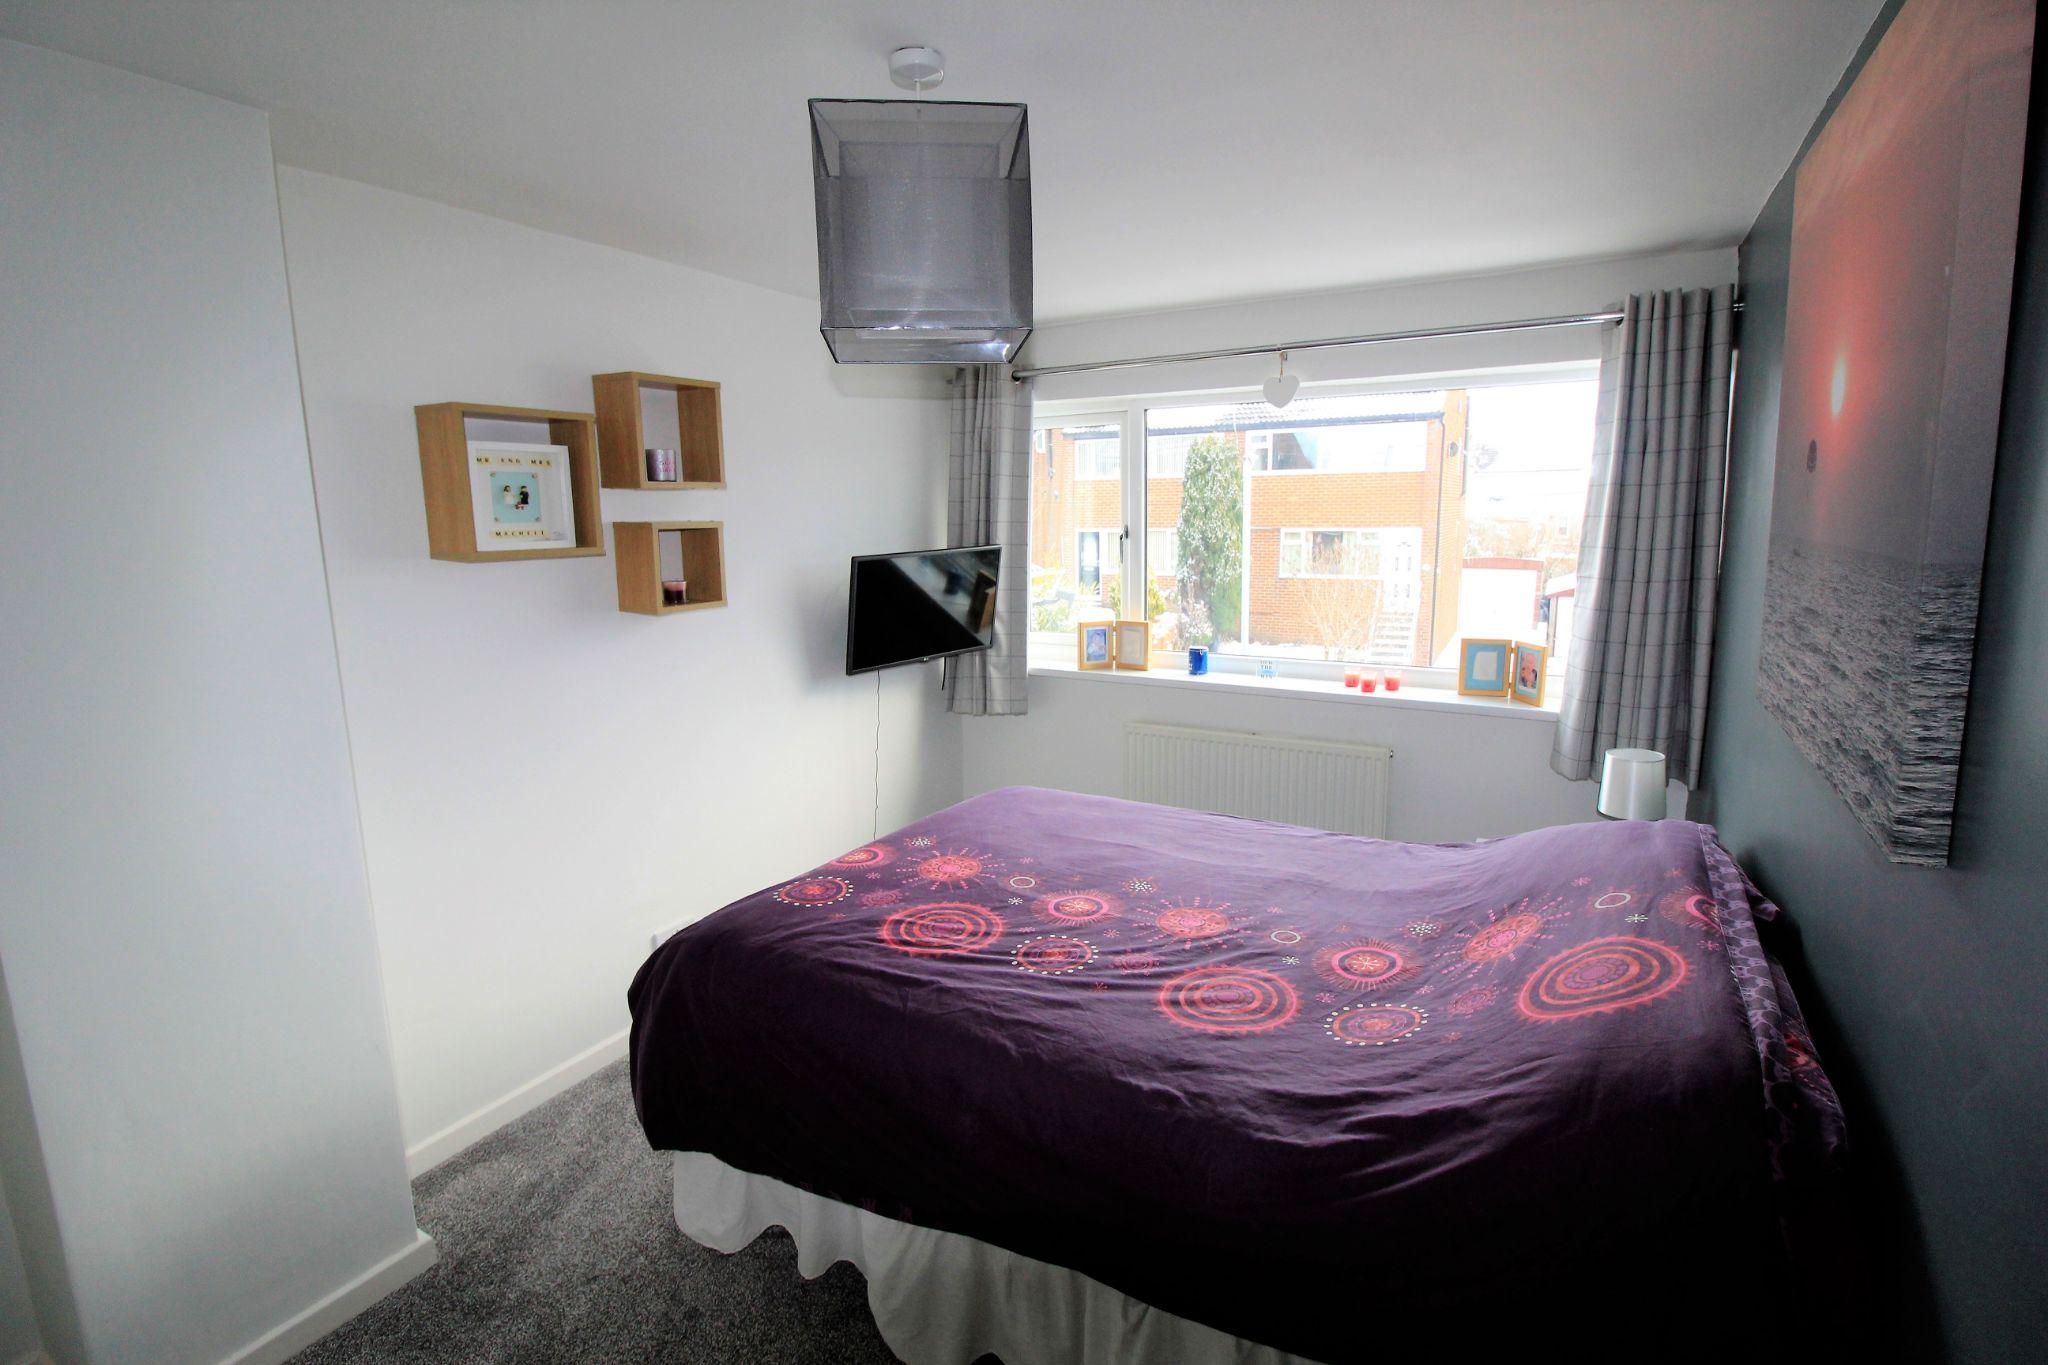 3 bedroom semi-detached house SSTC in Shipley - Bedroom 1